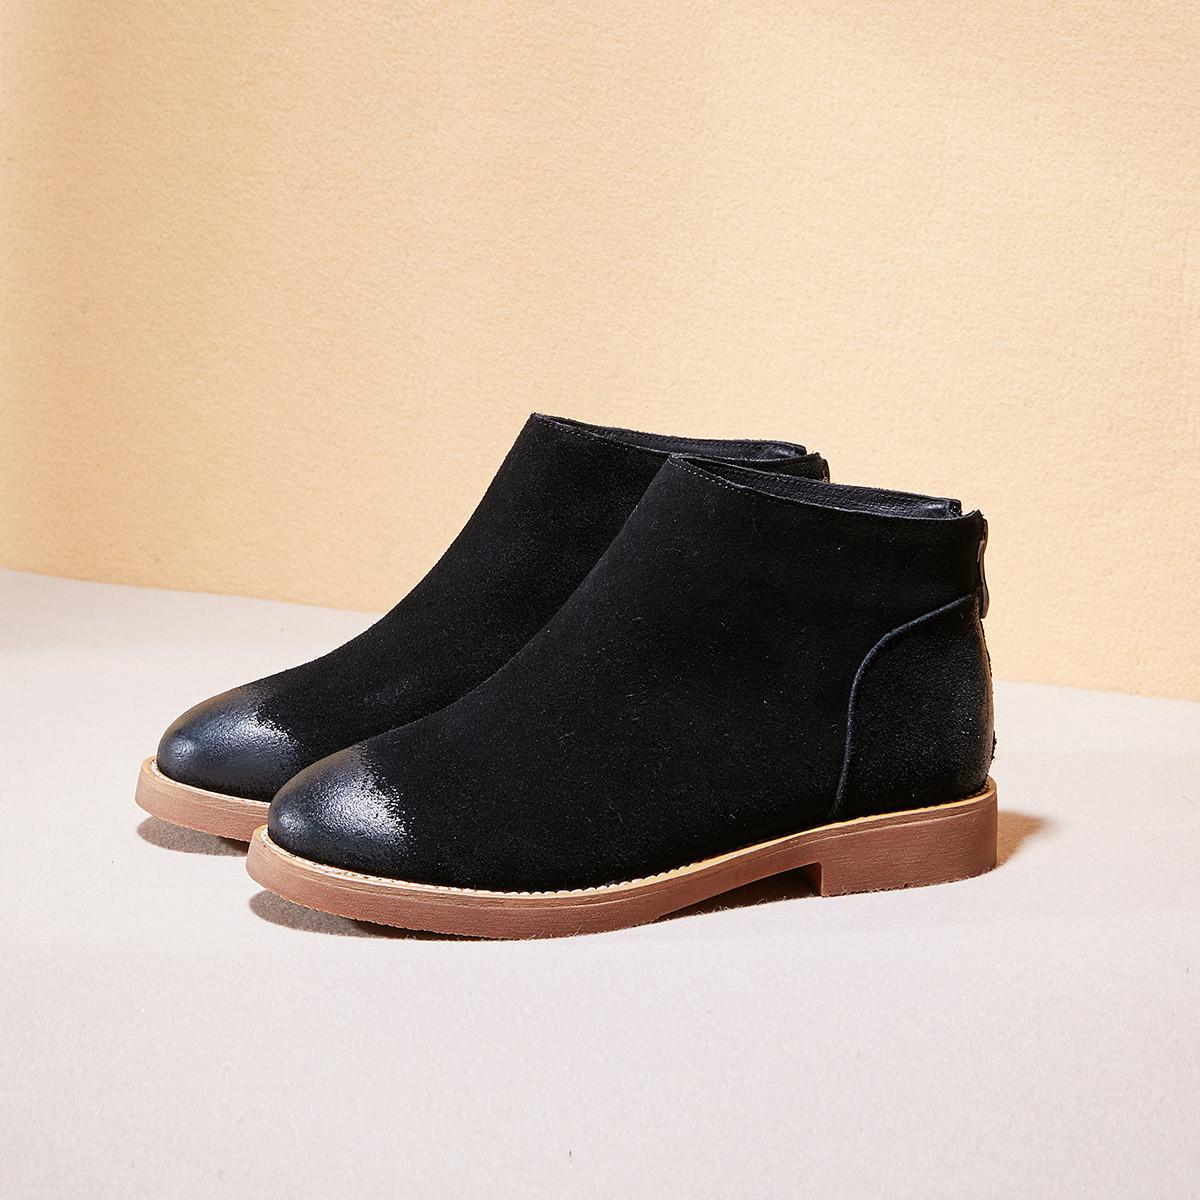 康奈2019冬季新款套脚切尔西靴牛反绒女短靴保暖加绒女款靴子女鞋15298047-51